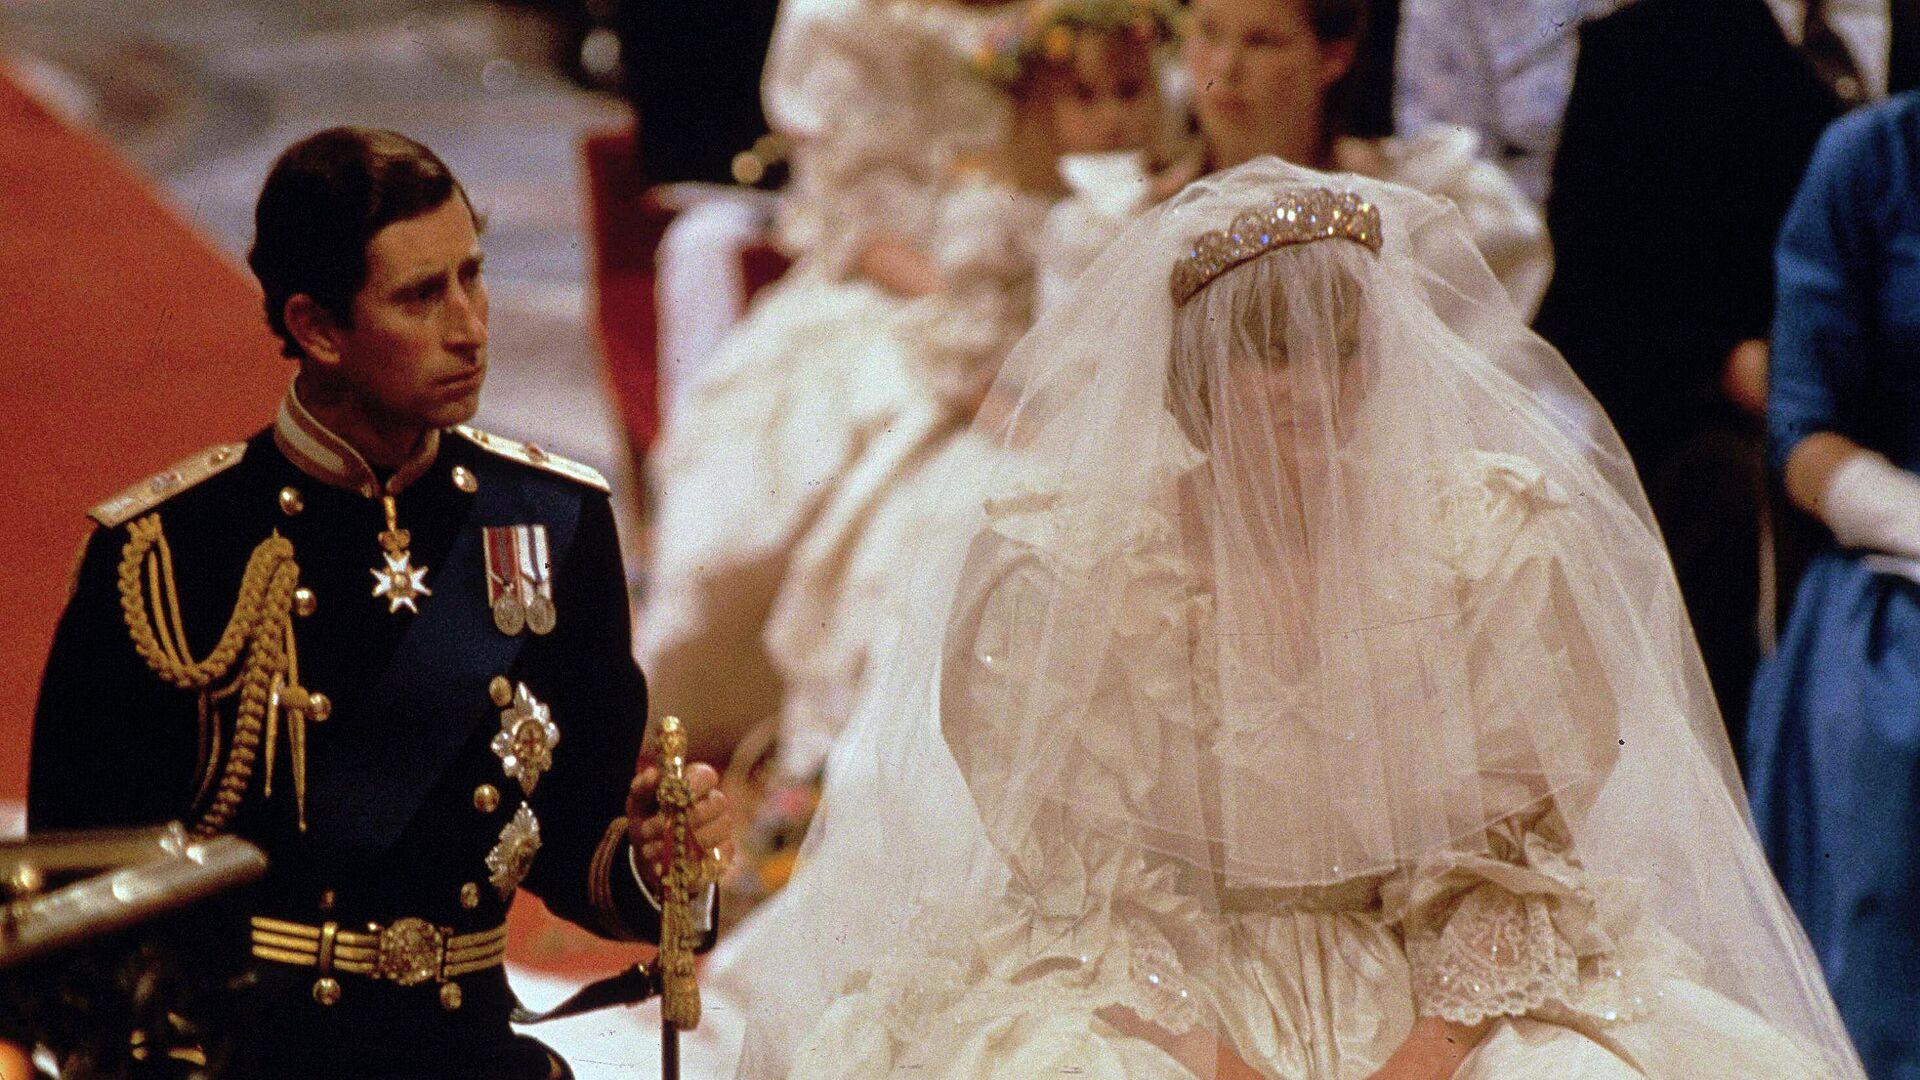 La boda del príncipe Carlos y la princesa Diana - Sputnik Mundo, 1920, 03.06.2021